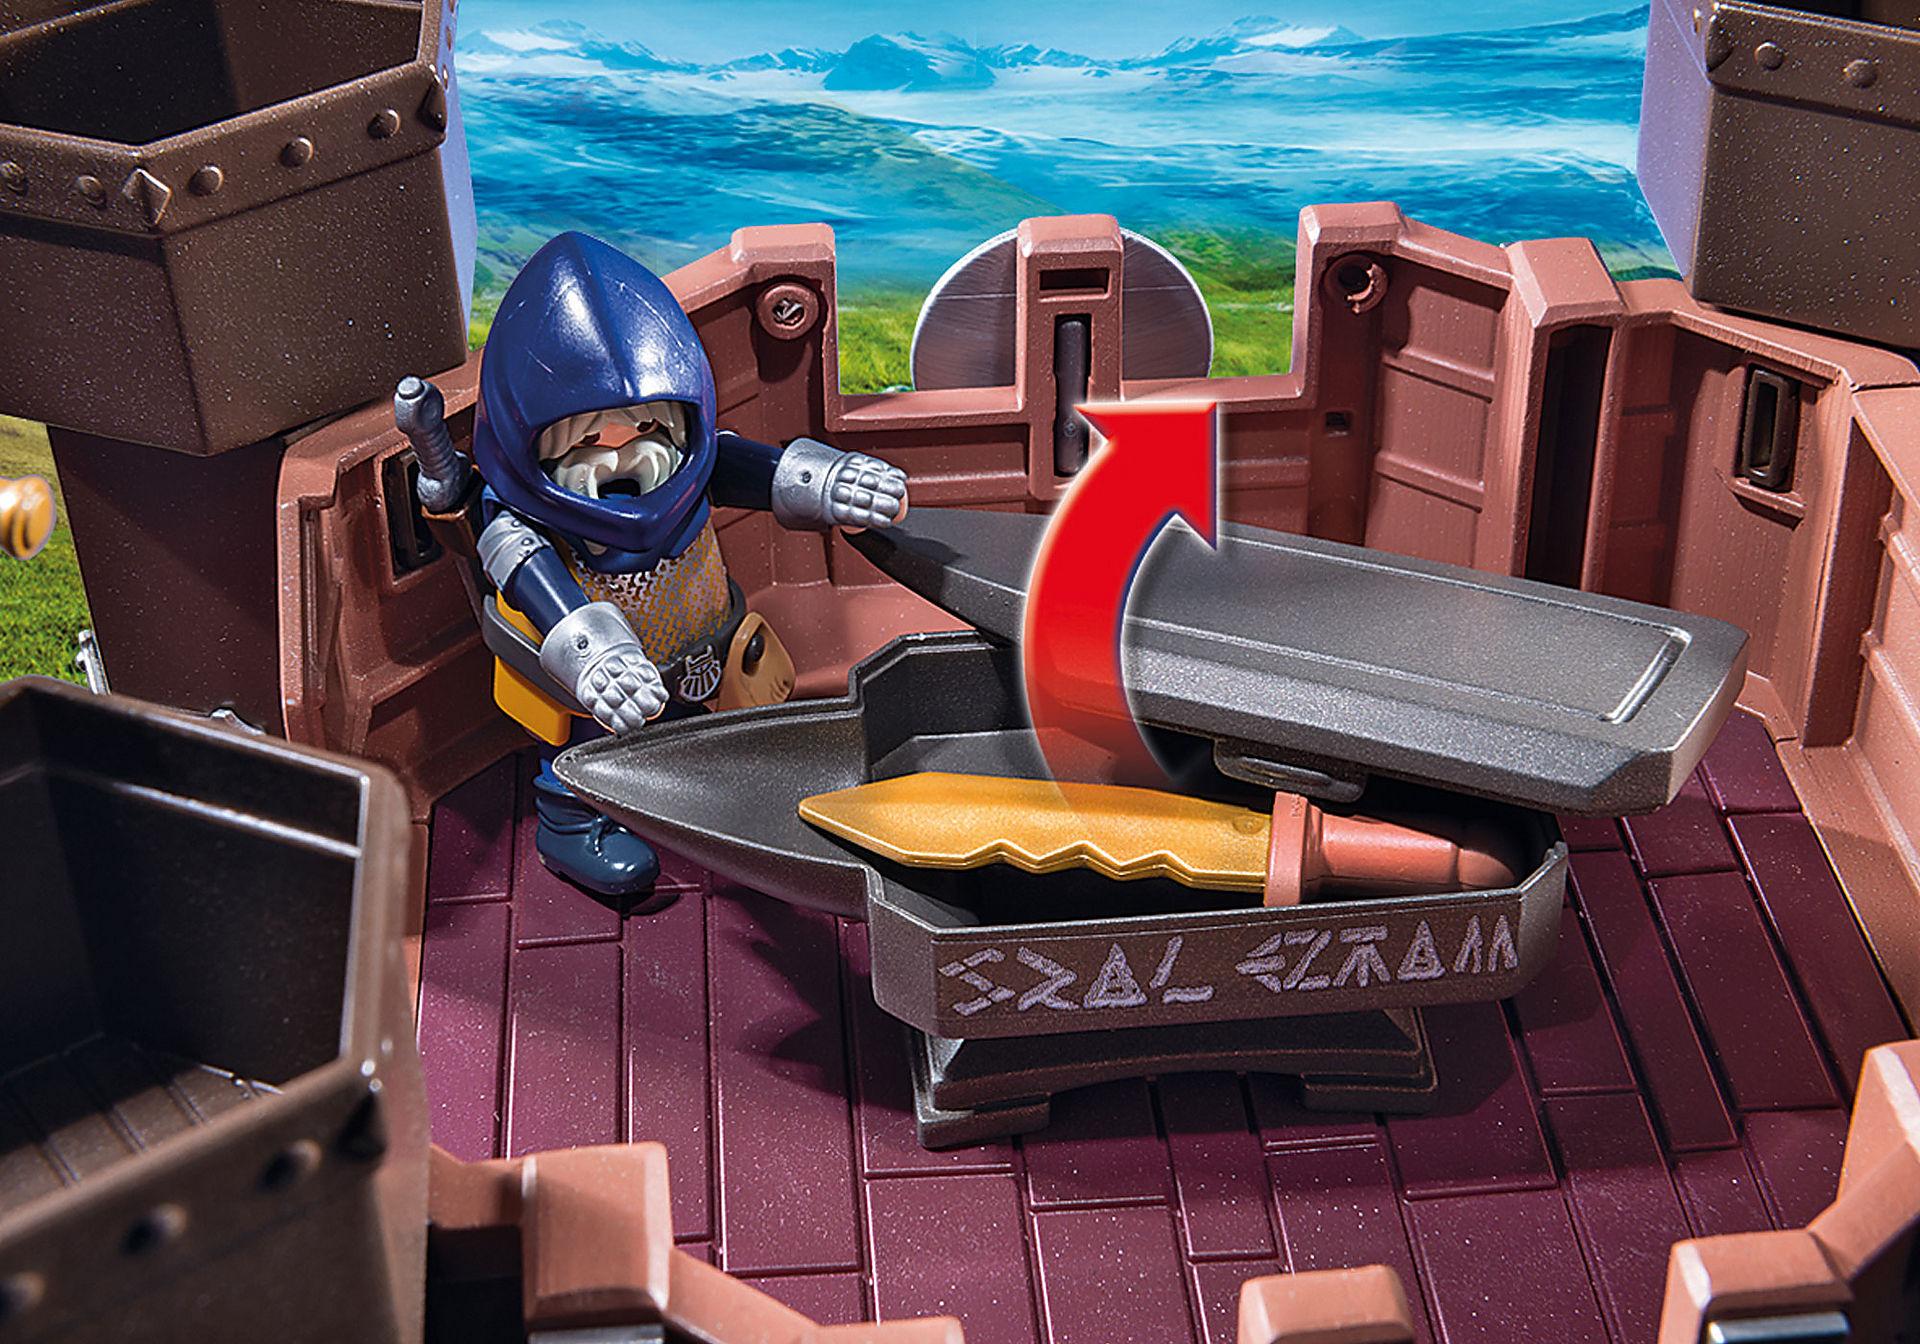 http://media.playmobil.com/i/playmobil/9340_product_extra5/Dvärgfästning på hjul